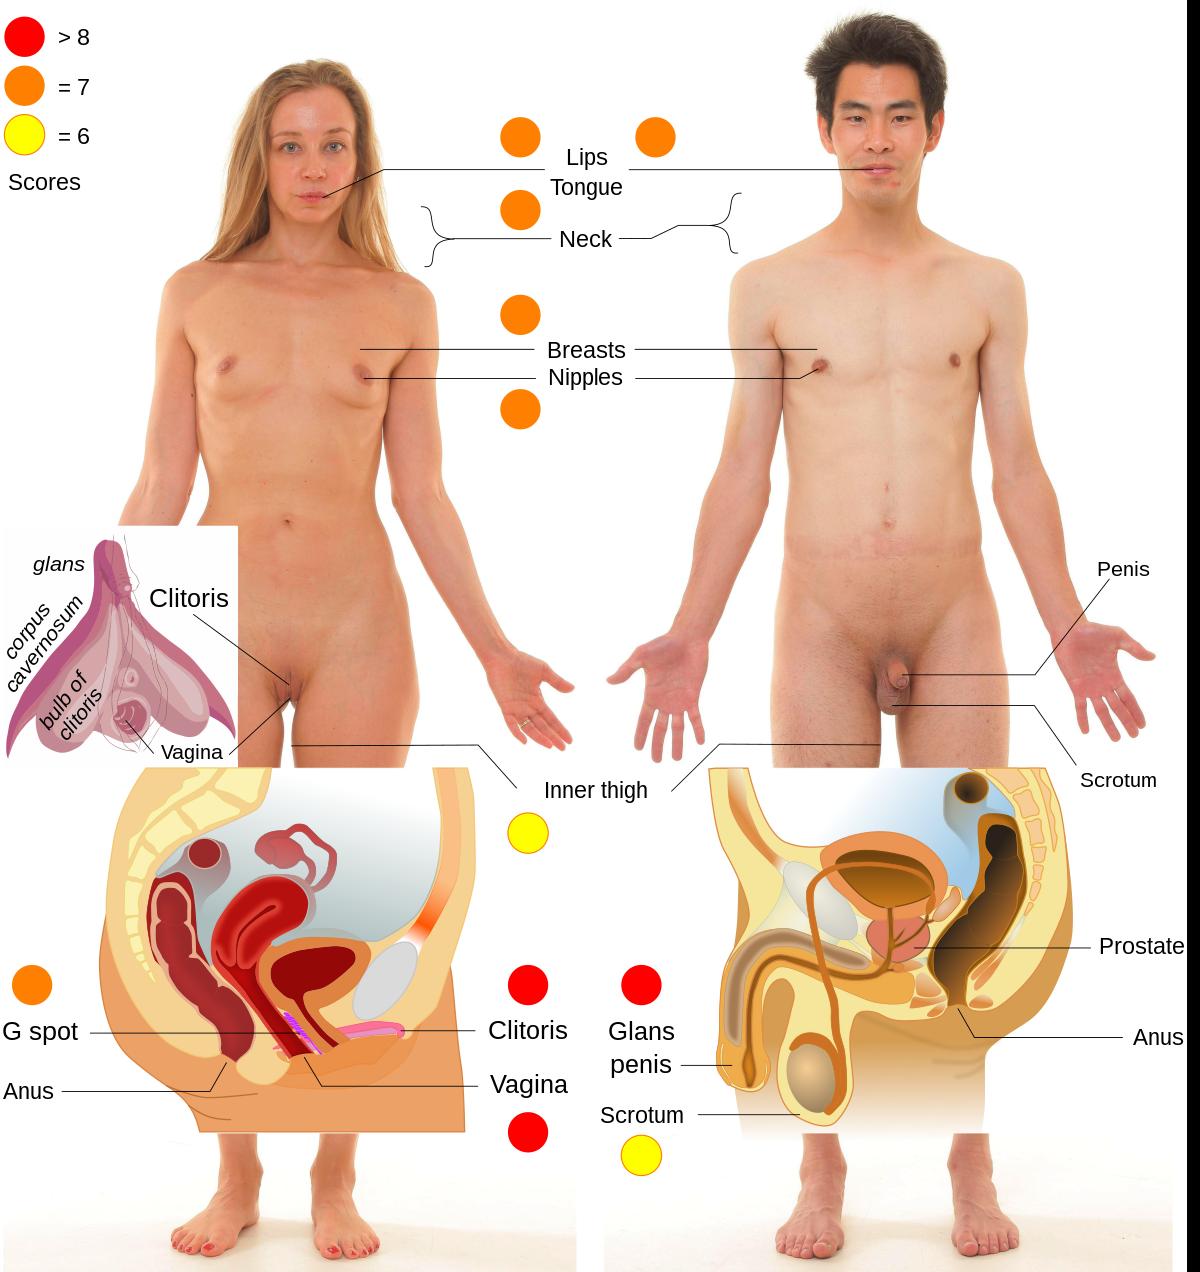 erogén zónák az erekcióhoz